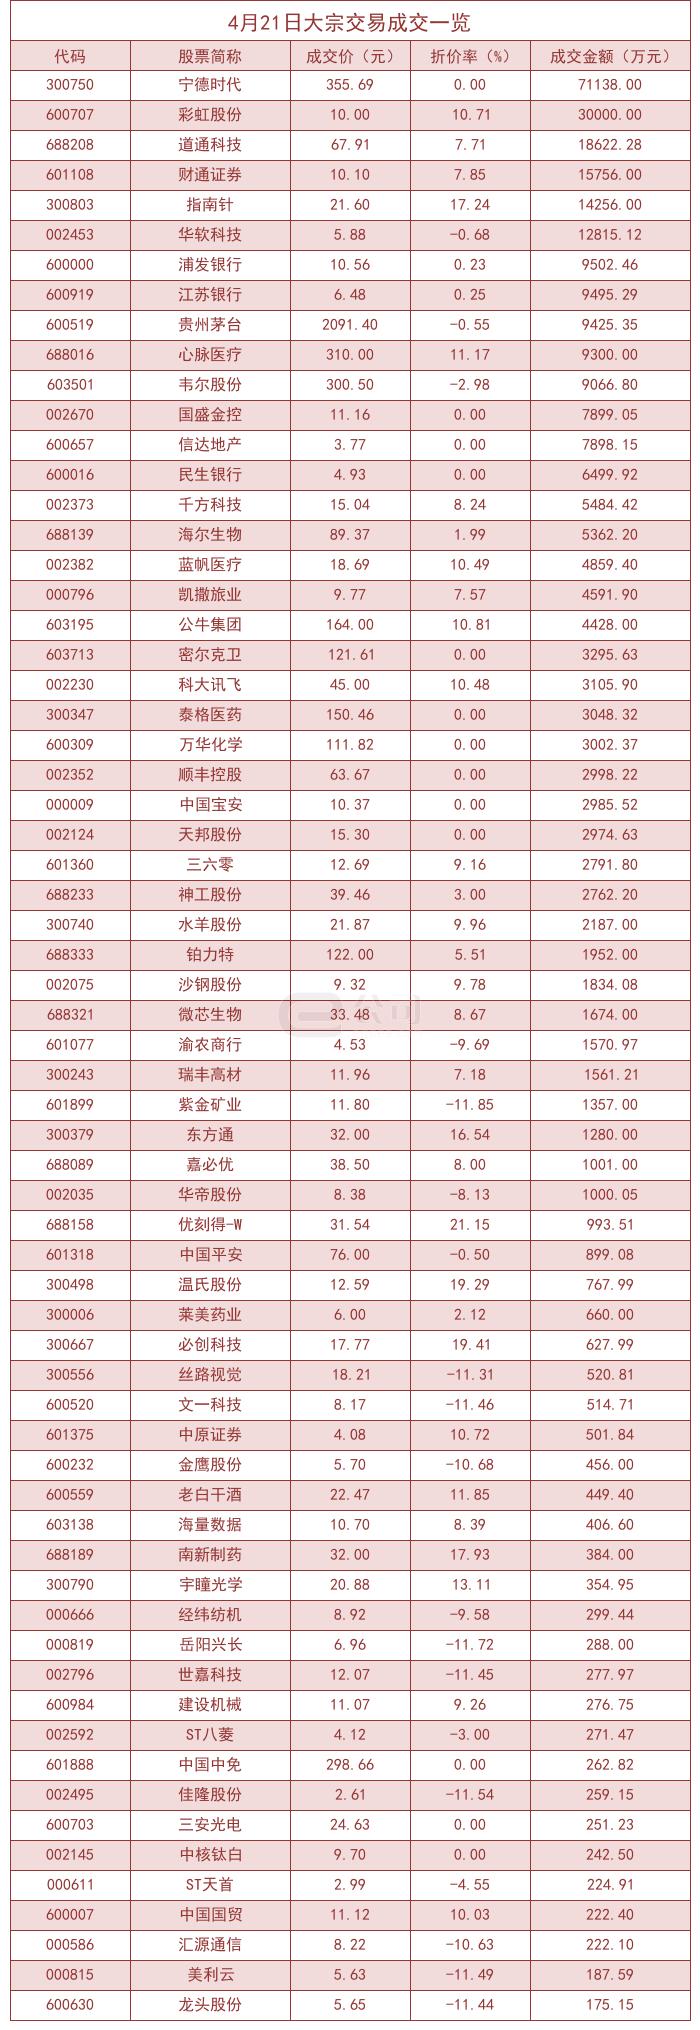 4月21日两市共有65只个股发生大宗交易,优刻得-